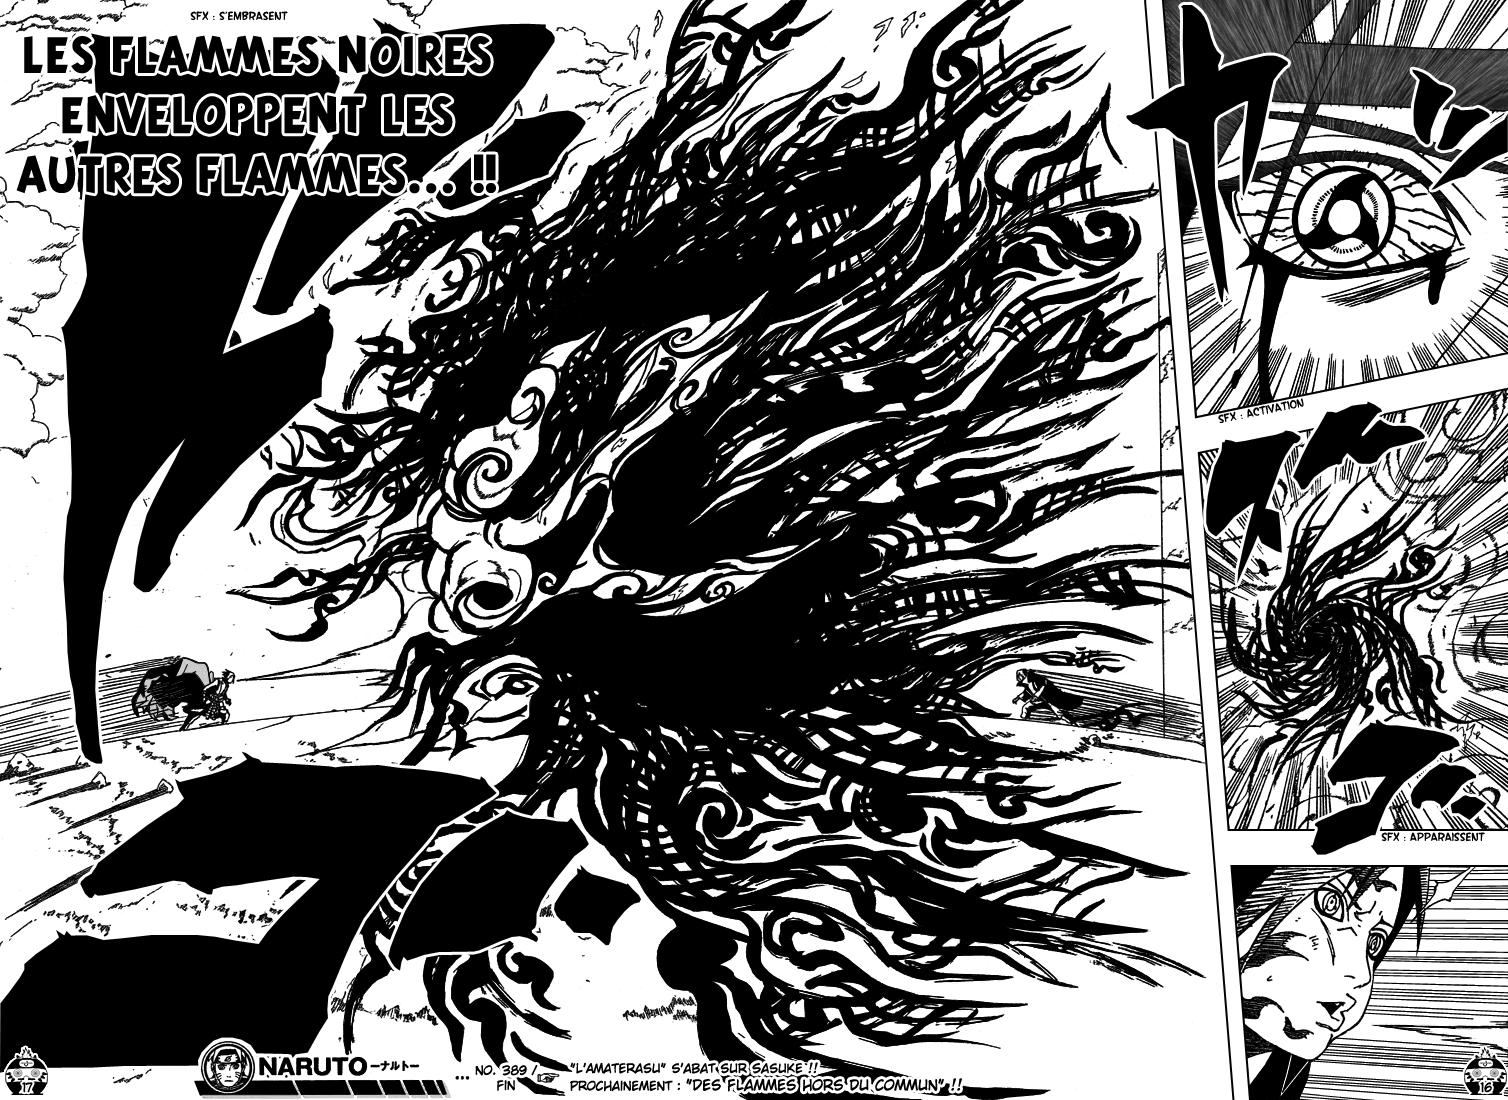 Naruto chapitre 389 - Page 16